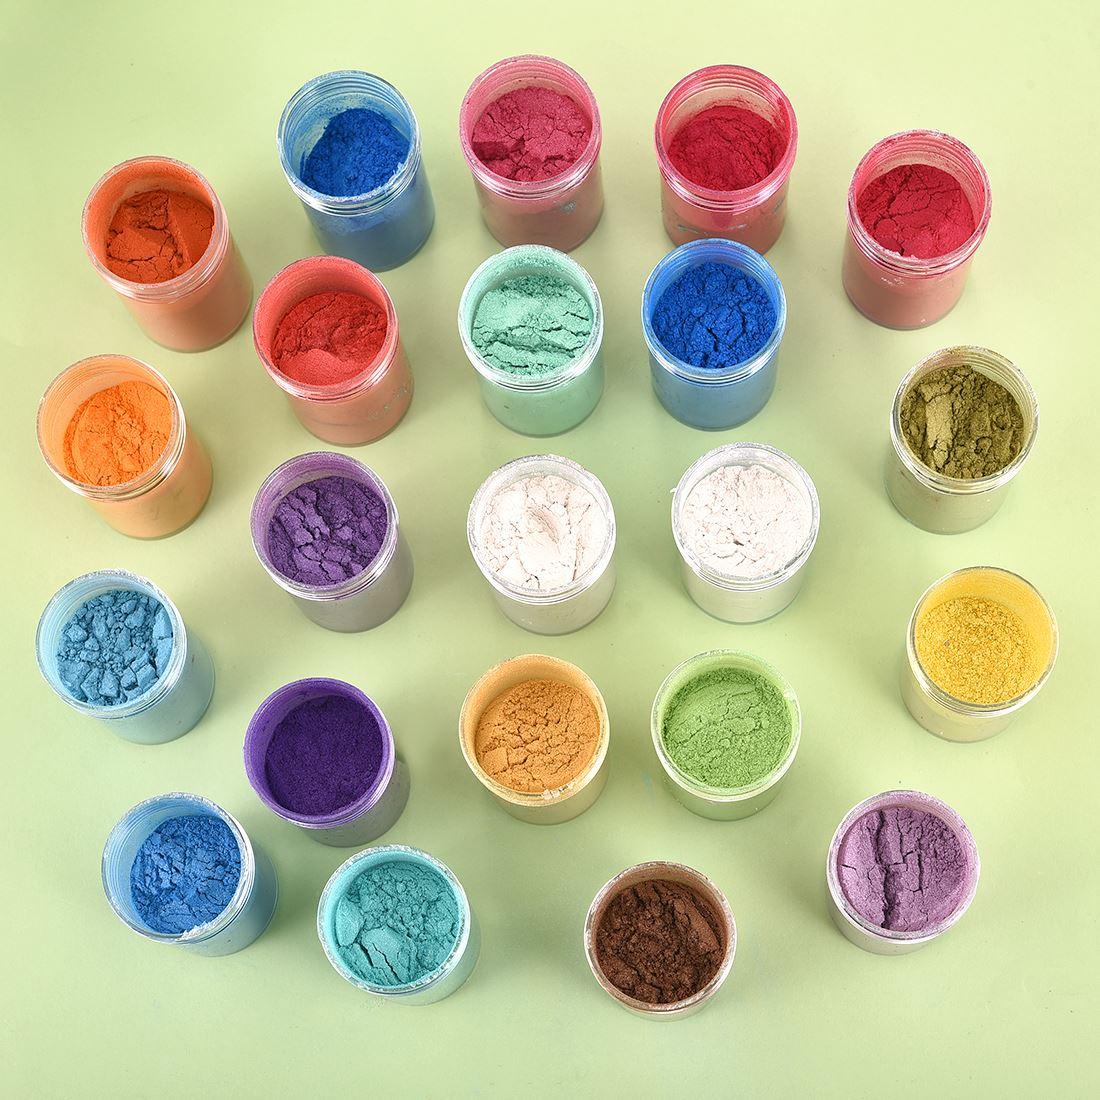 Высококонцентрированный-наполнитель-жемчужный-порошок-краска-кристалл-Искусственный-лак-для-ногтей-аксессуары-для-изготовления-ювели